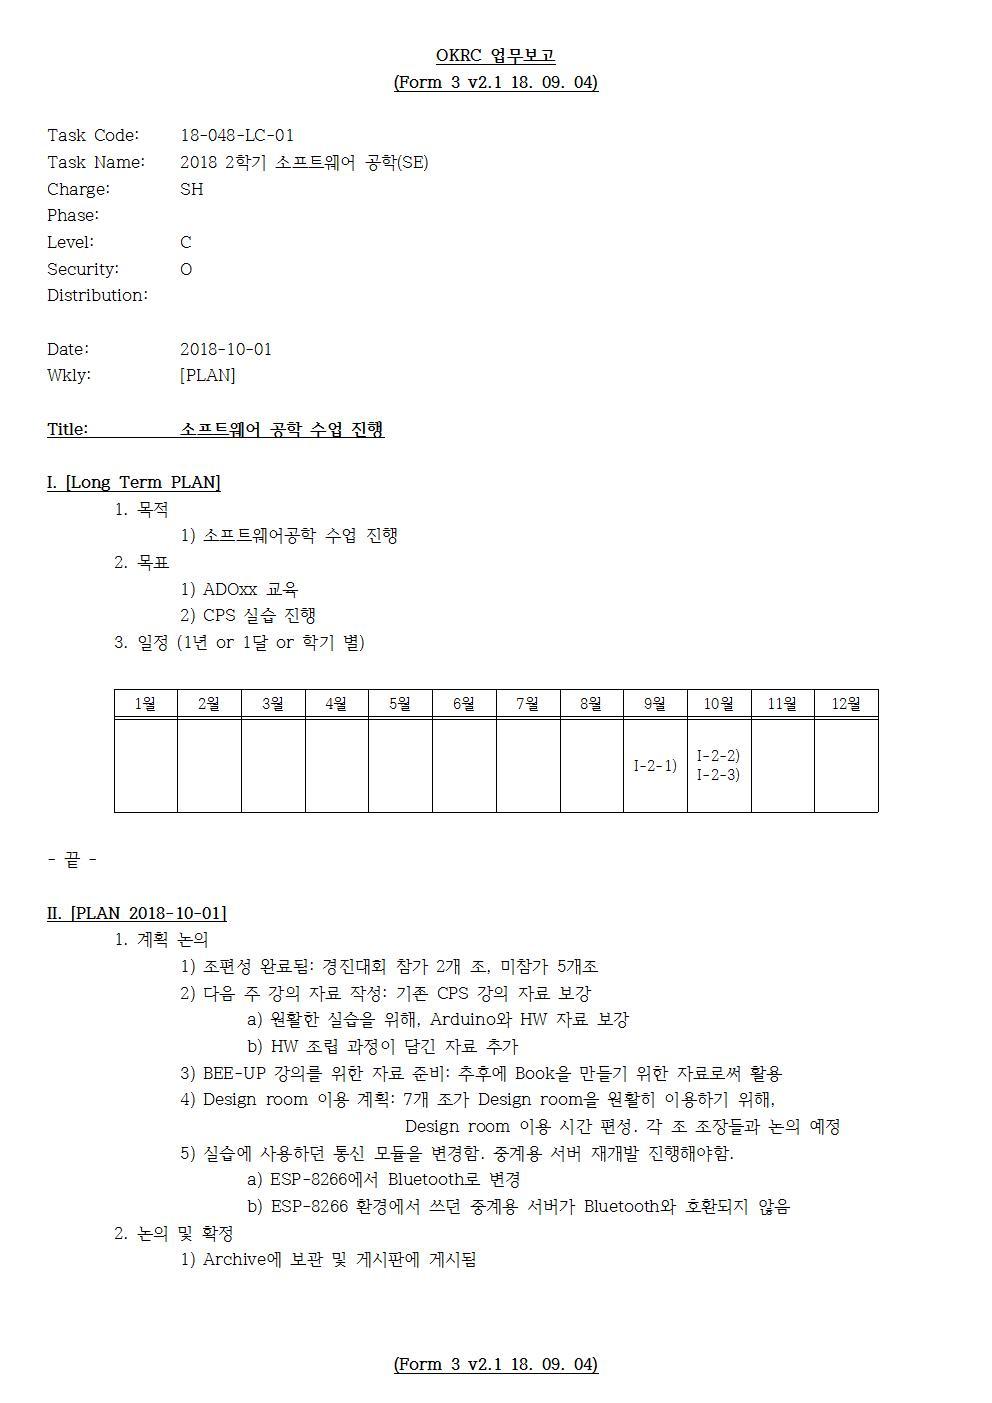 D-[18-048-LC-01]-[SE]-[2018-10-01][SH]001.jpg